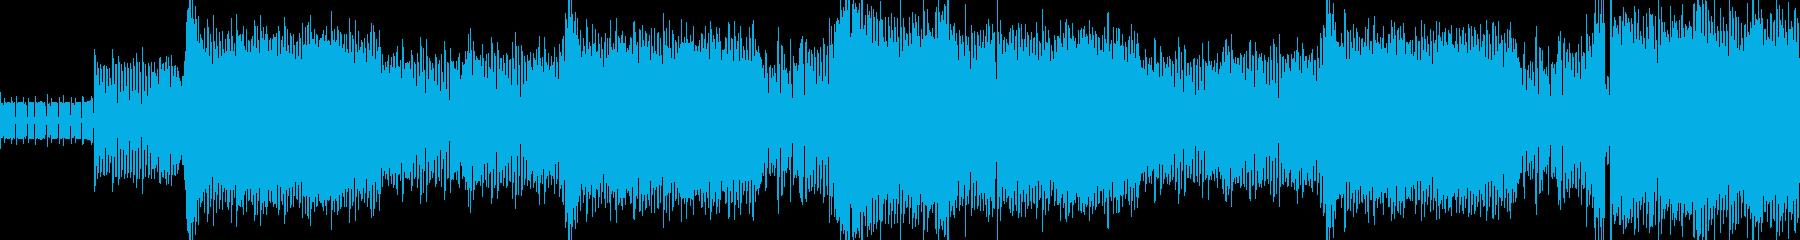 疾走感の爽やかでカッコいいEDMの再生済みの波形